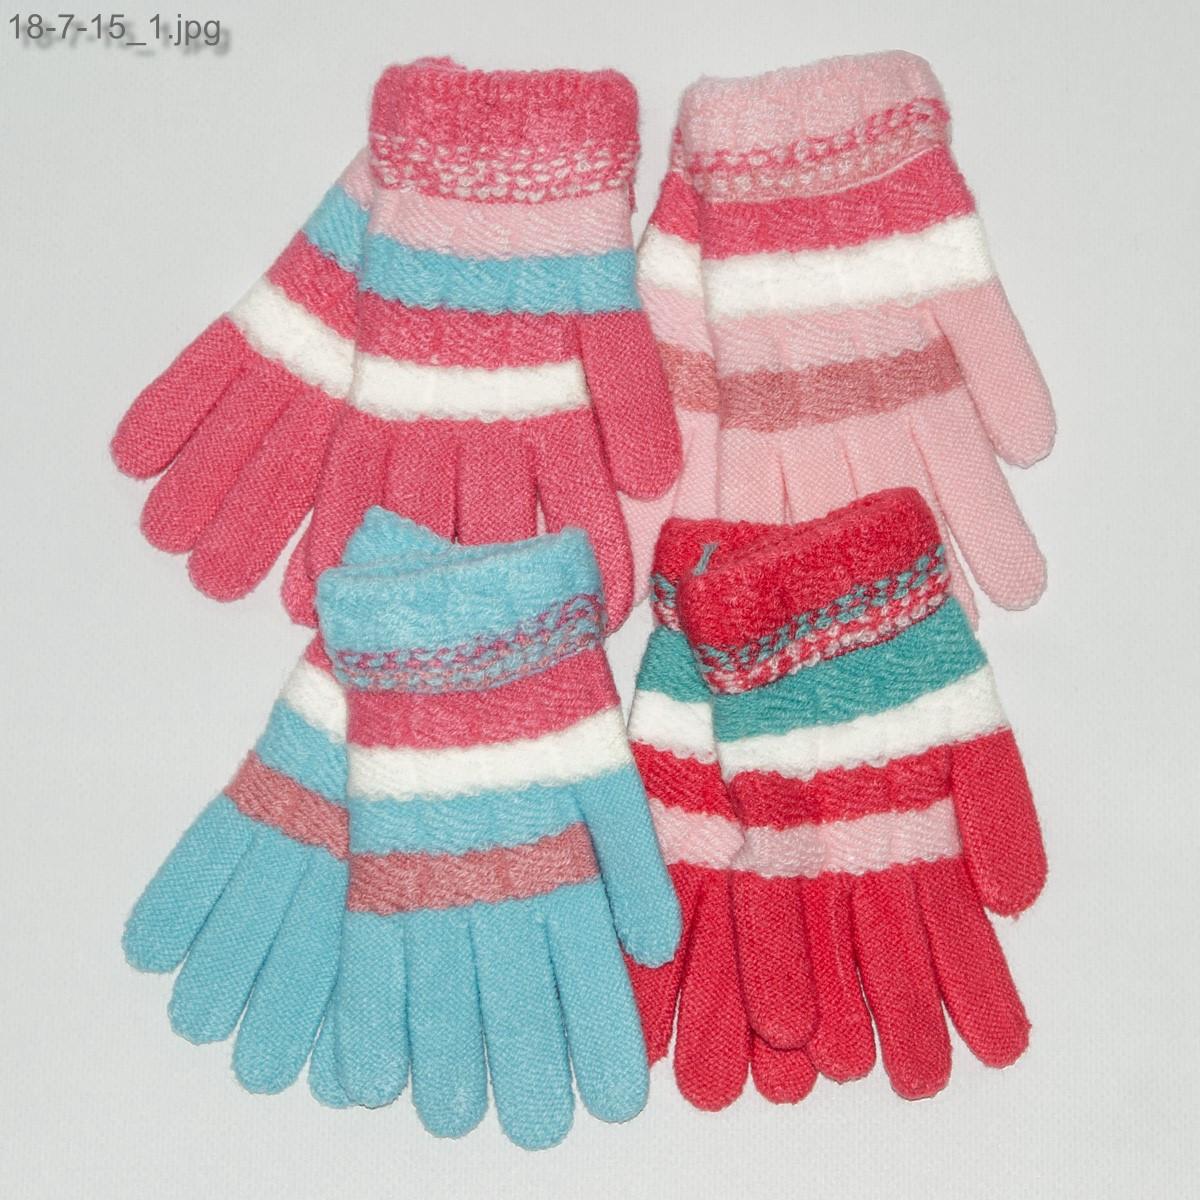 Оптом перчатки детские на девочек 4-6 лет - №18-7-15